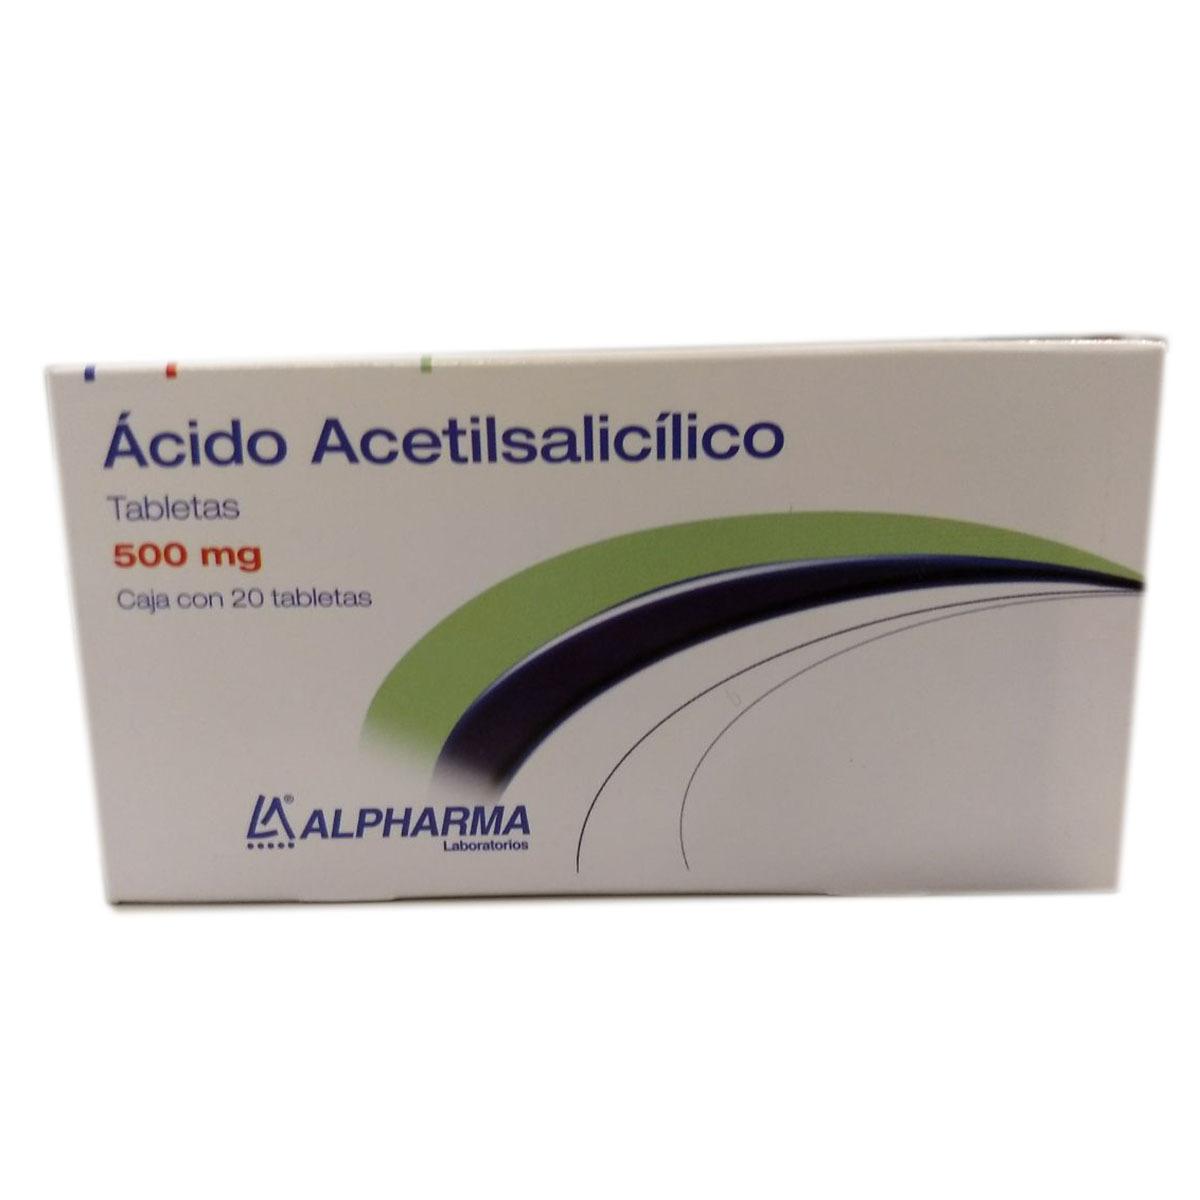 Comprar Acido Acetilsalicilico 1 Caja 20 Tabletas 500 Ml